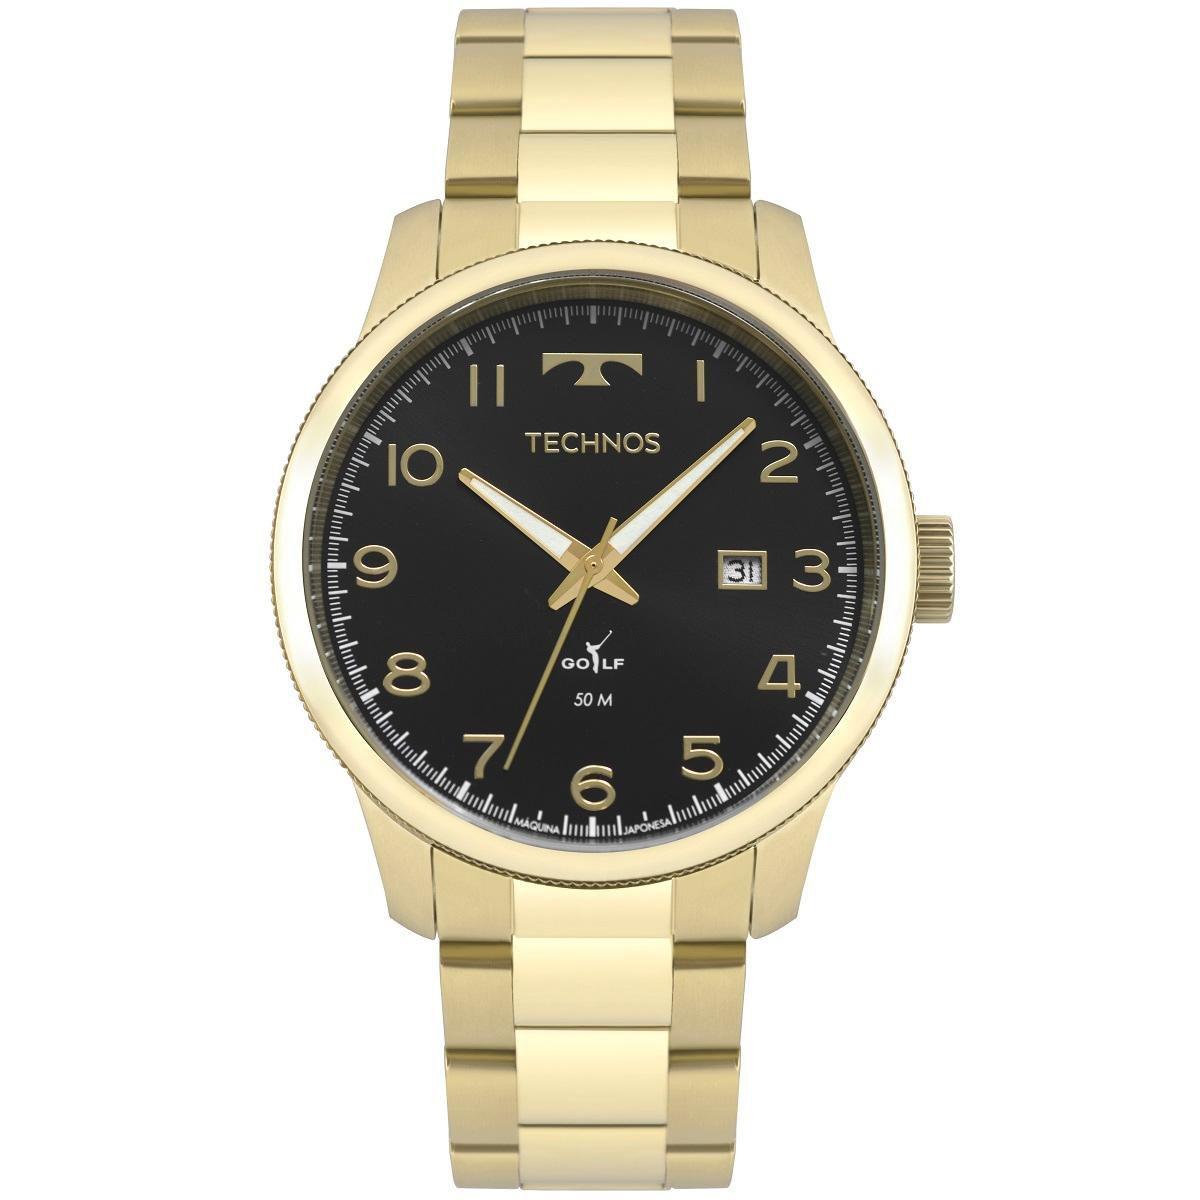 Relógio Masculino Technos Golf 2315LAF/4P 44mm Aço Dourado